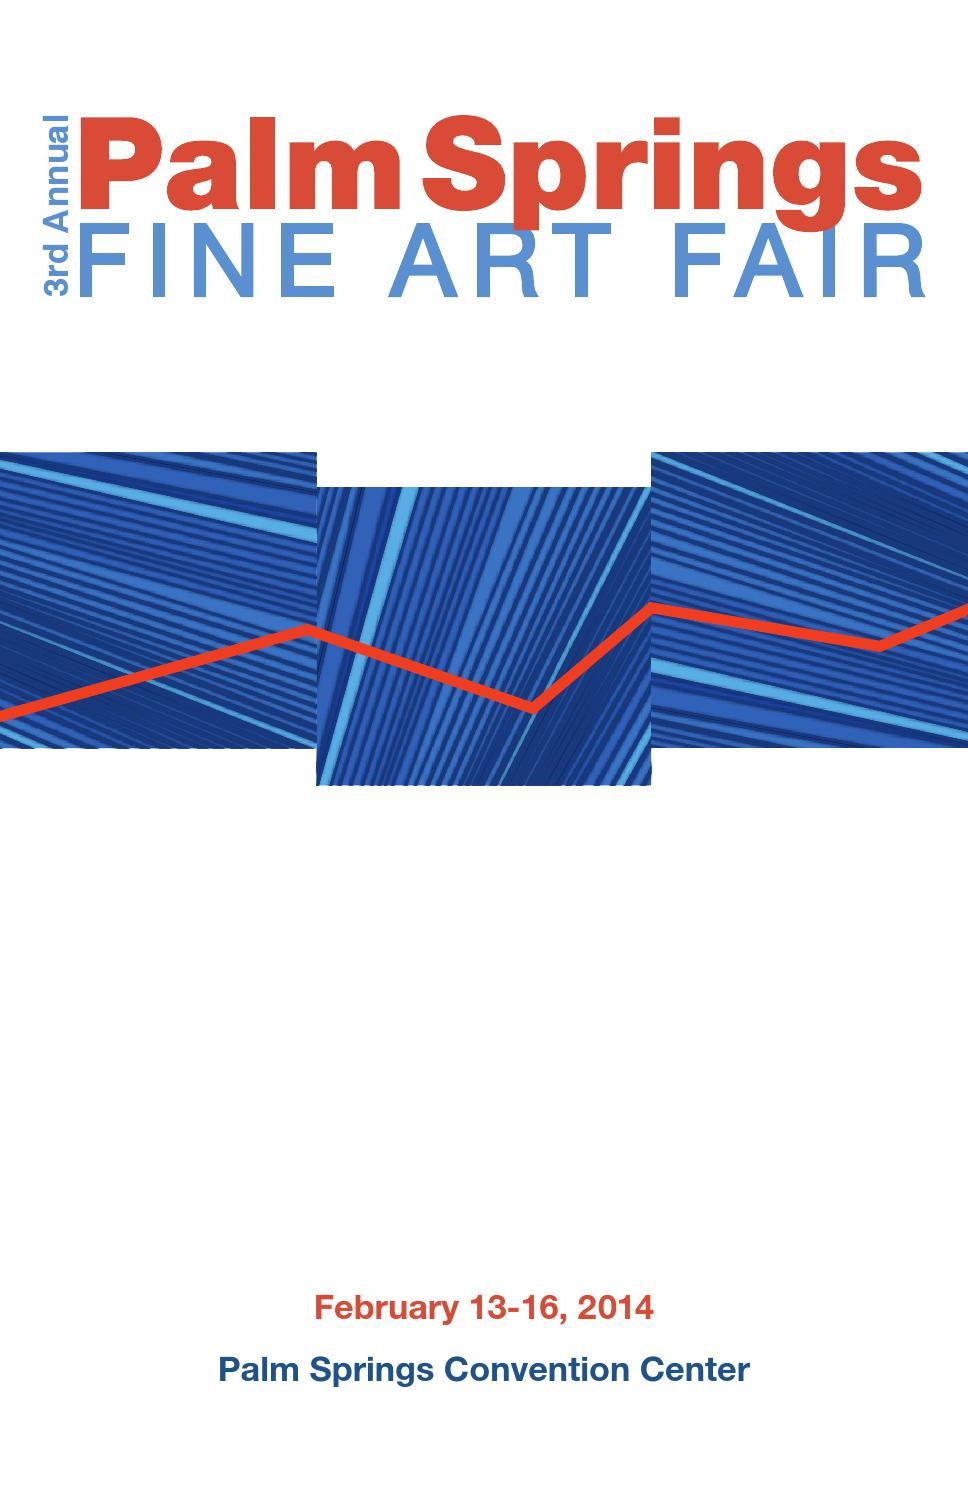 Palm springs fine art fair catalog 2014 by hamptons expo for Palm springs craft fair